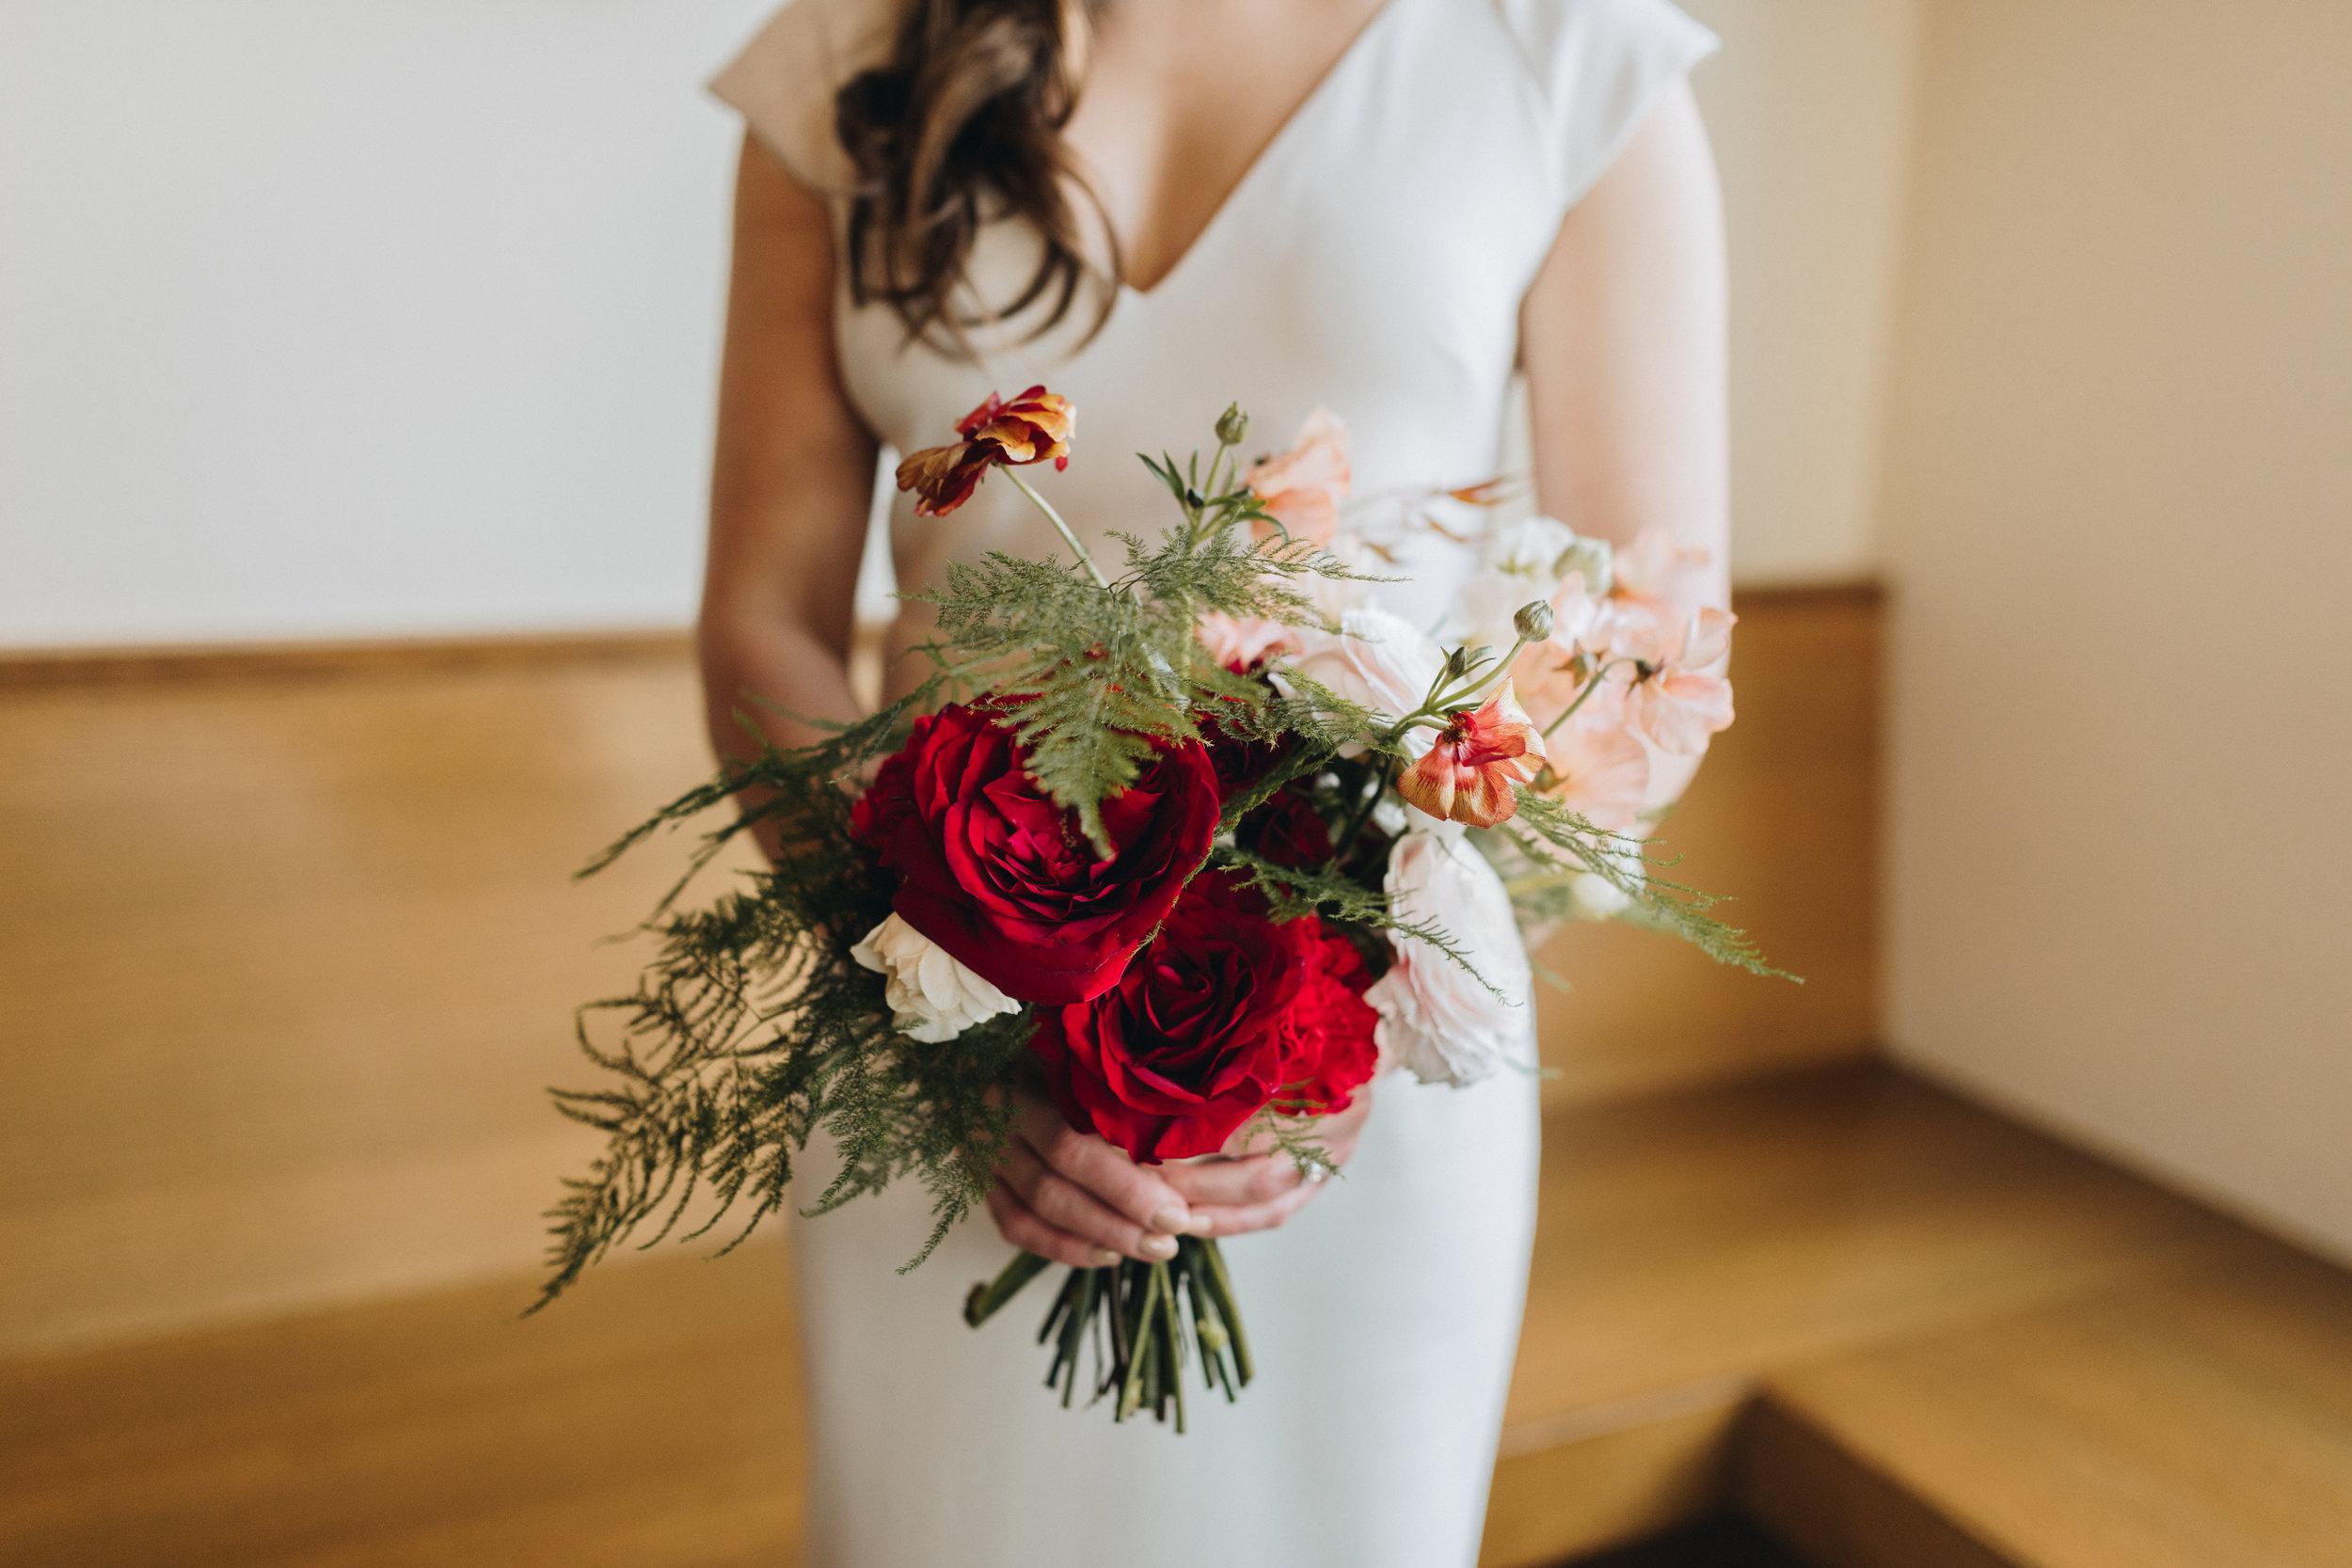 preston-wedding-2019-x-nylonsaddle-285.jpg